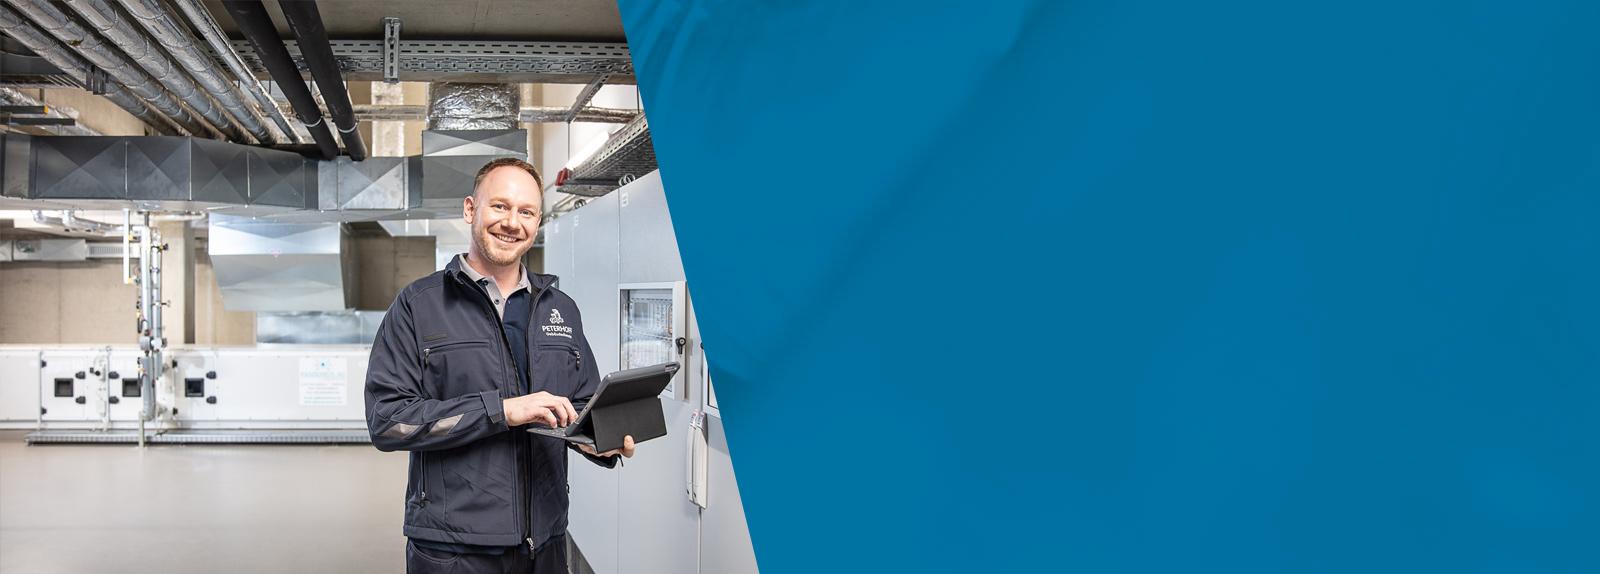 Gebäudemanagement bei gepe Gebäudedienste Peterhoff GmbH